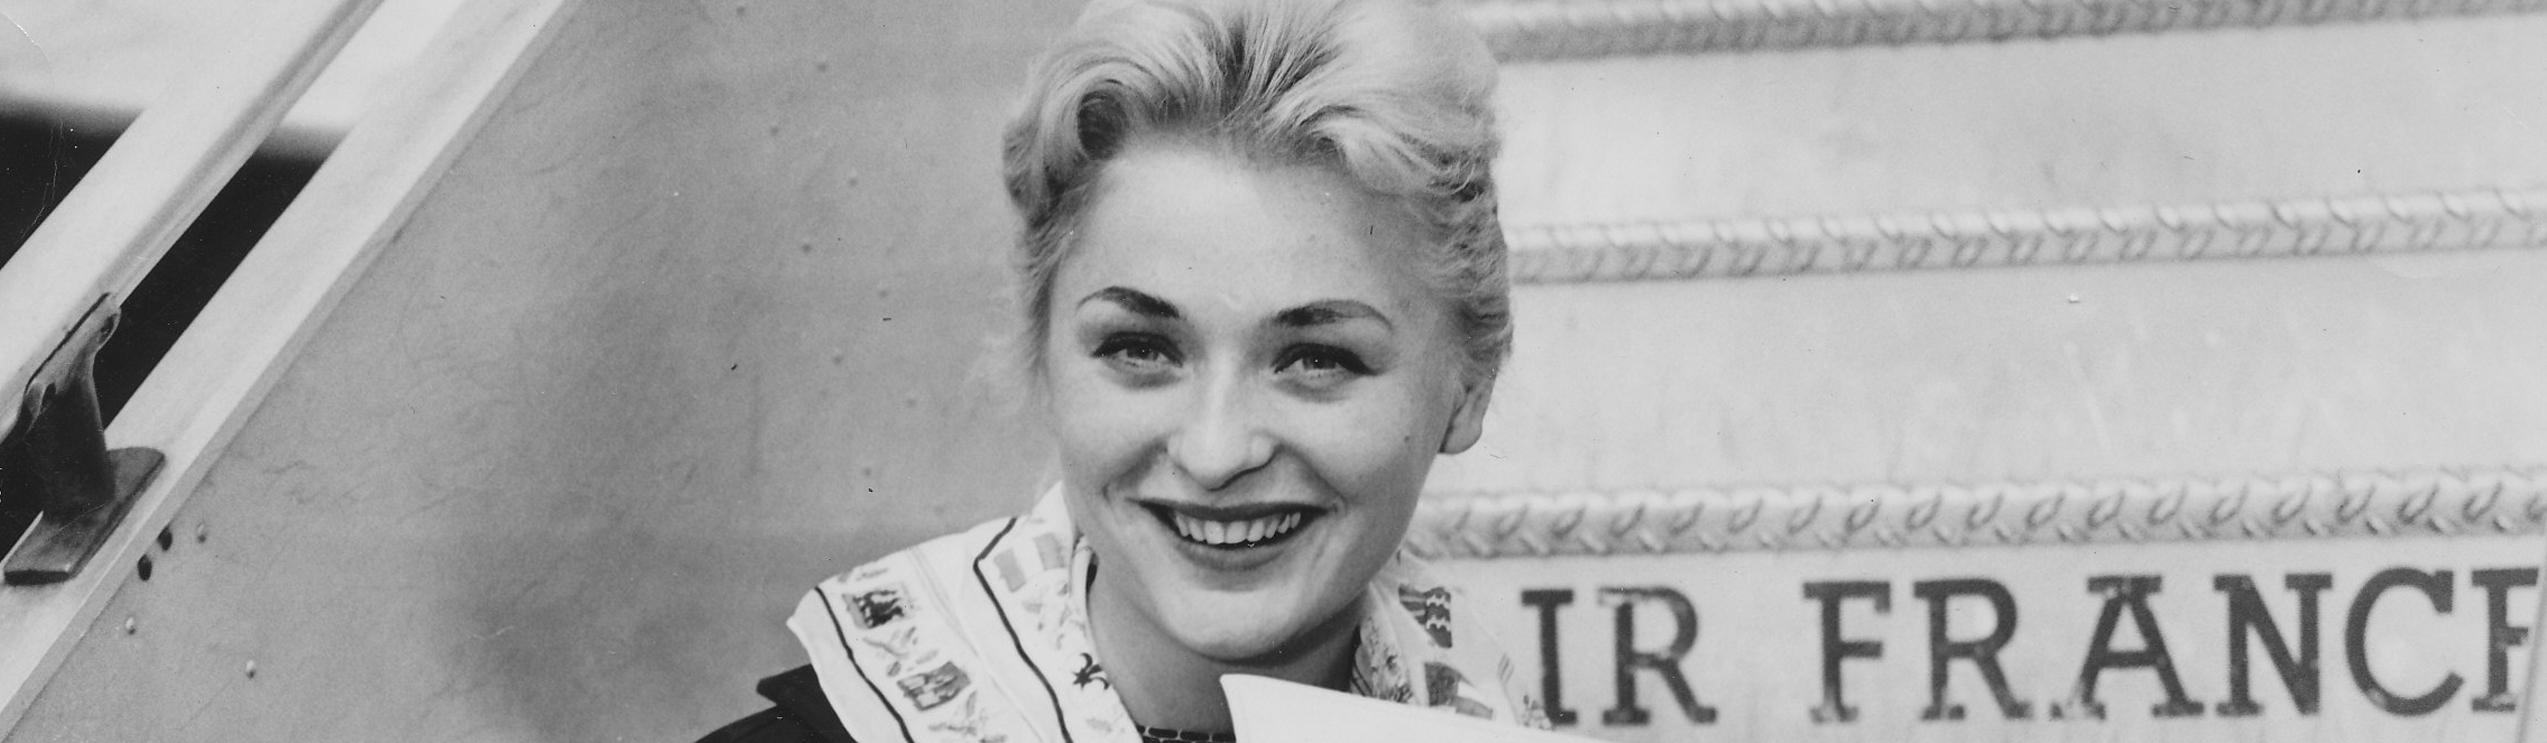 Alicja Bobrowska - pierwsza powojenna Miss Polonia | Dorota Salus